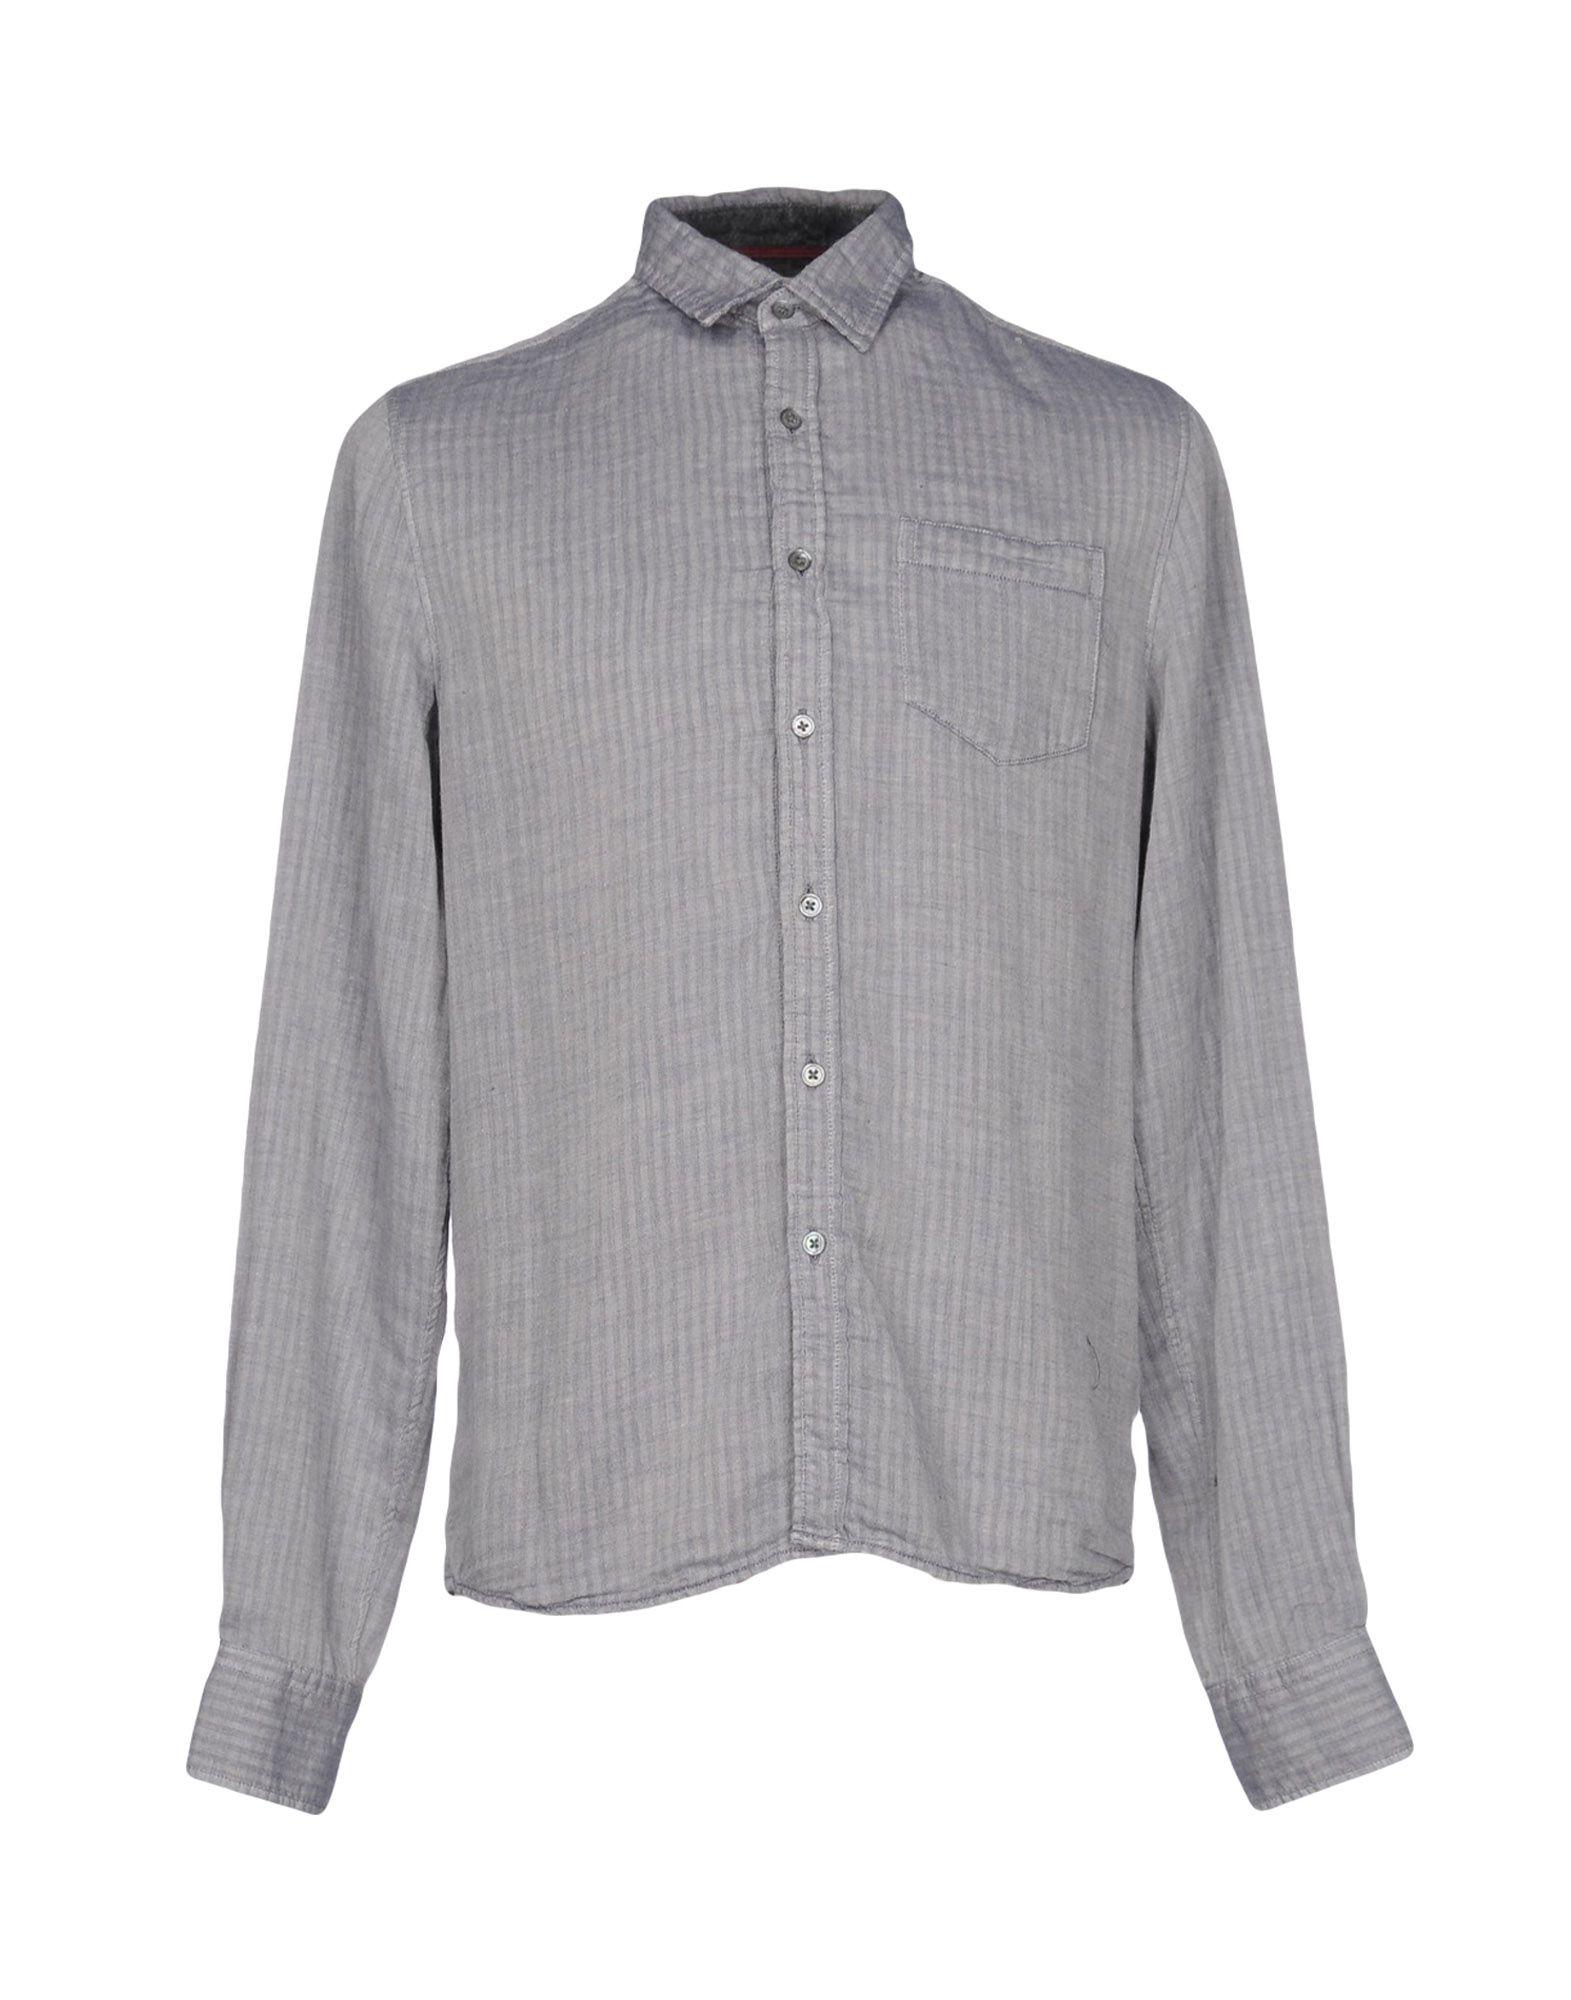 где купить GILDED AGE Pубашка по лучшей цене